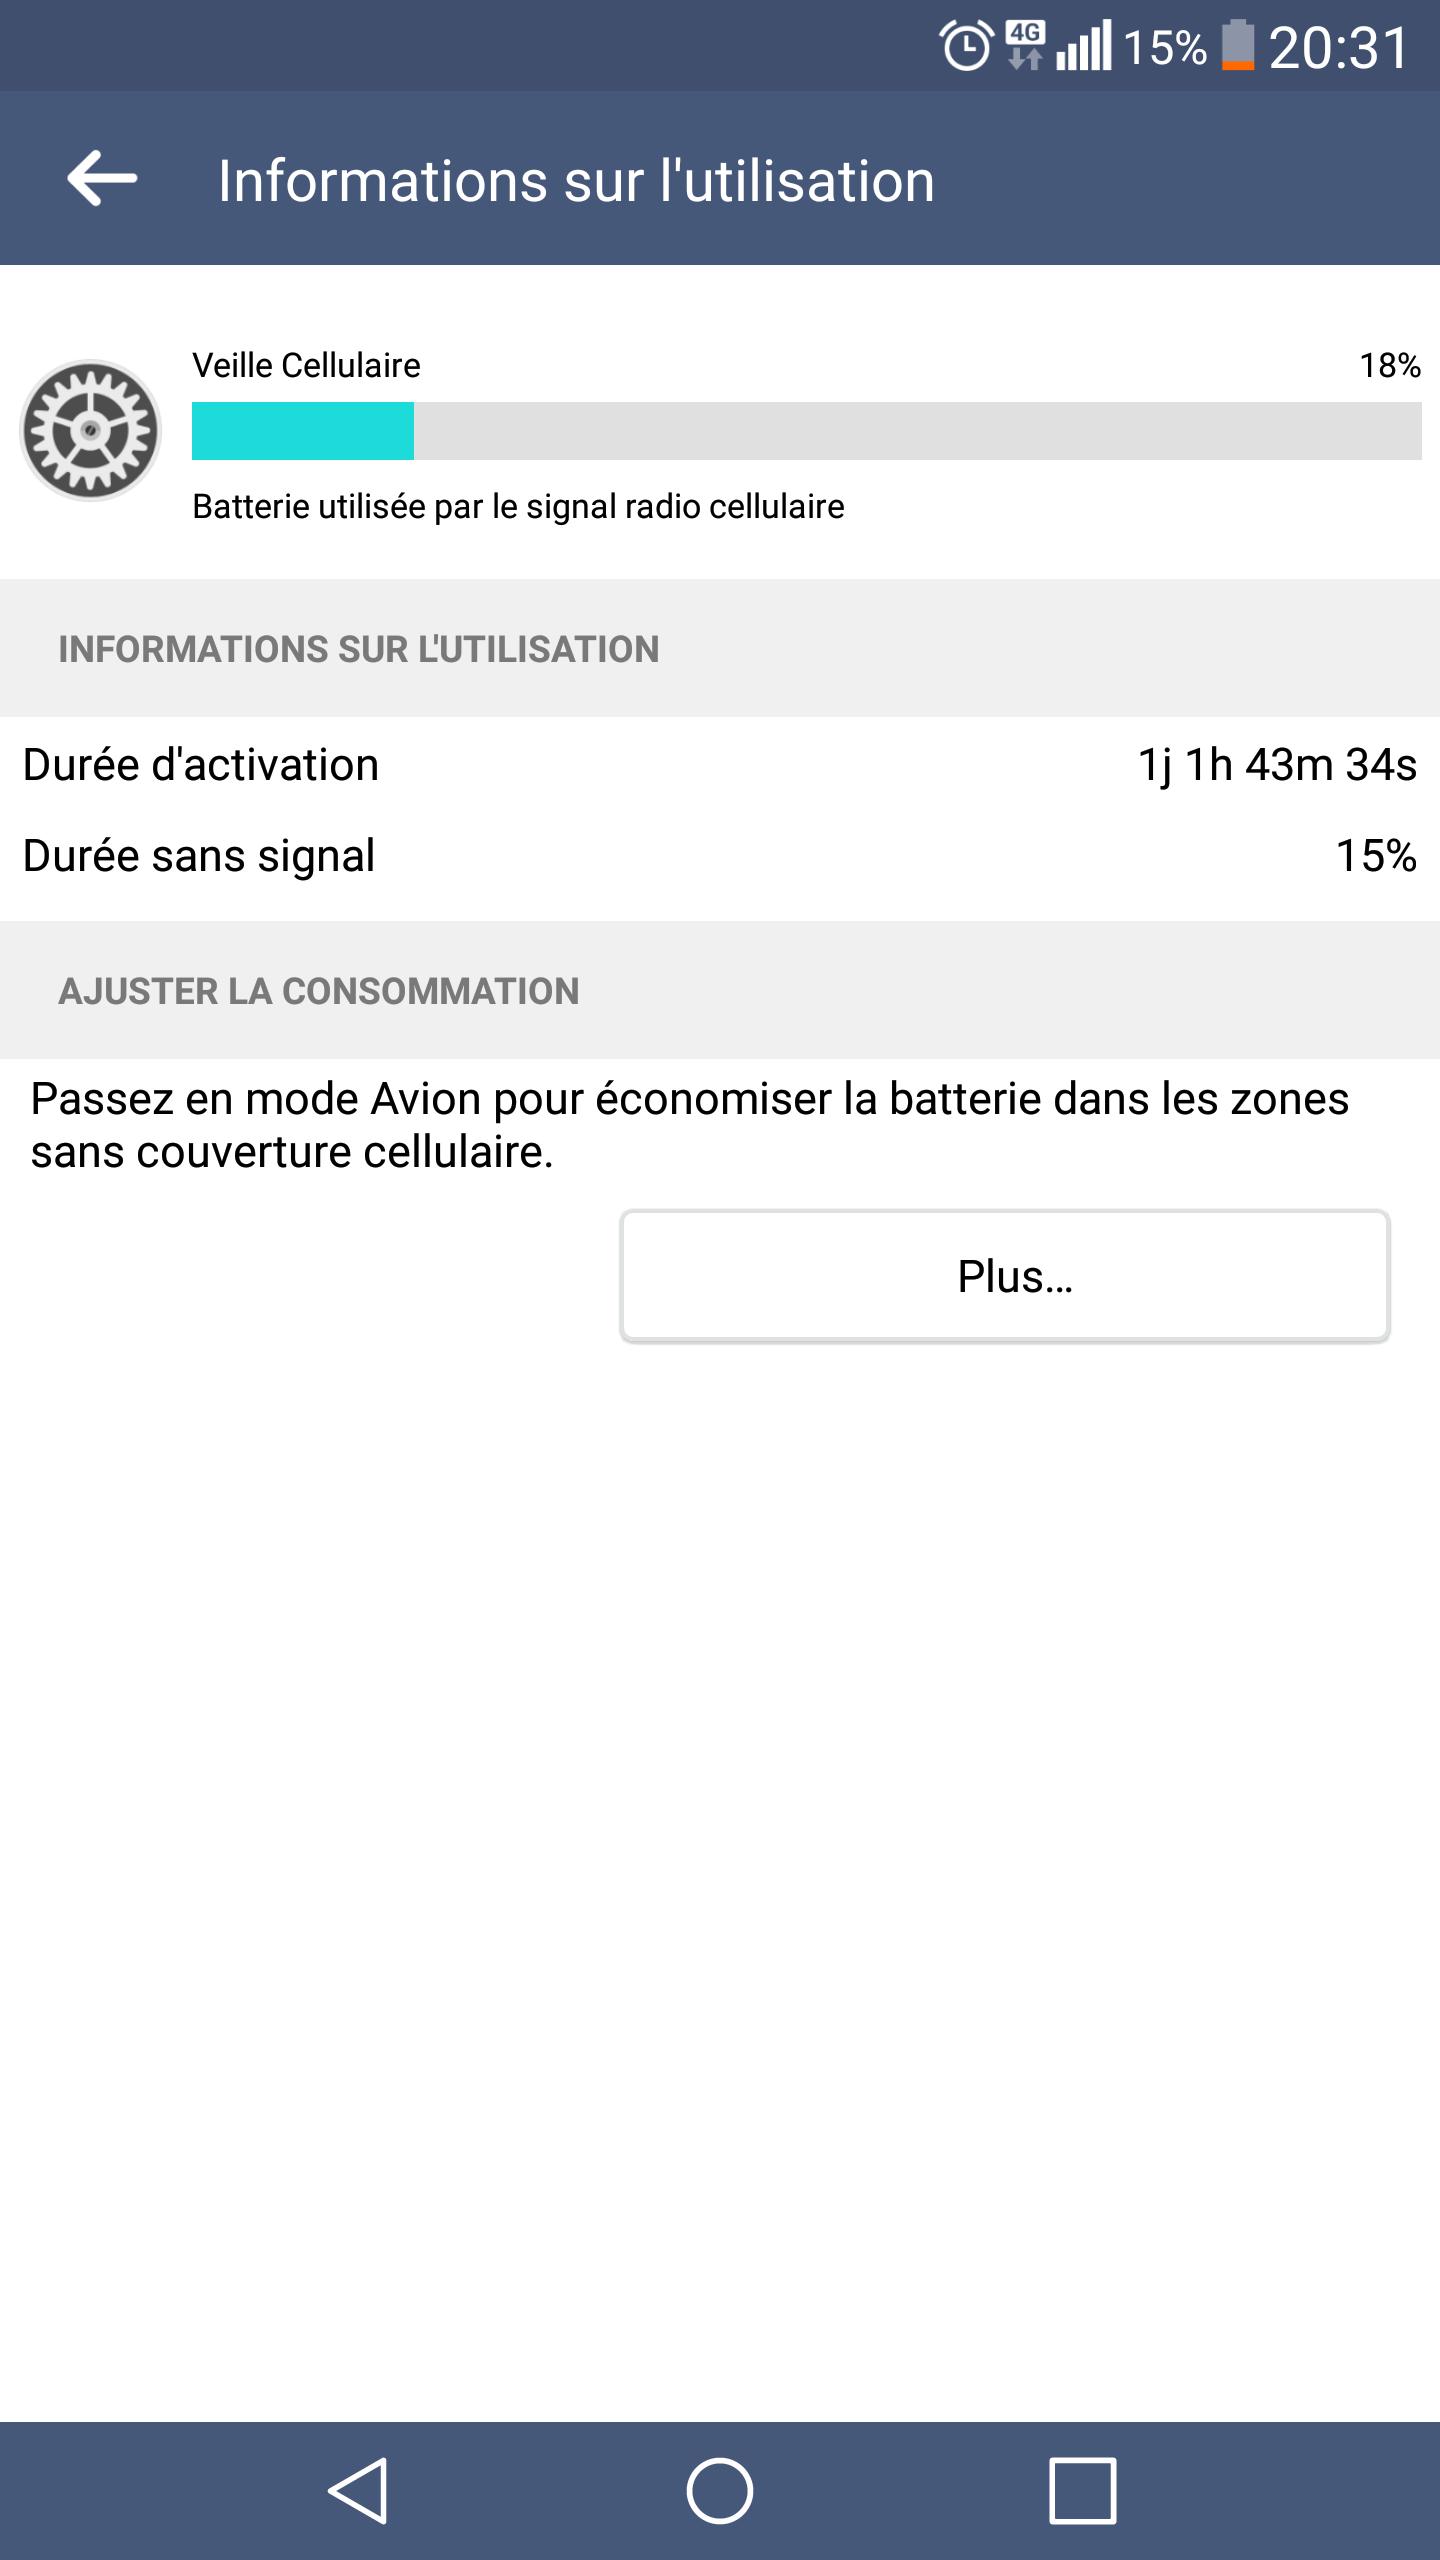 [AIDE] Veille Cellulaire : consommation de batterie 15090608363317665413560974